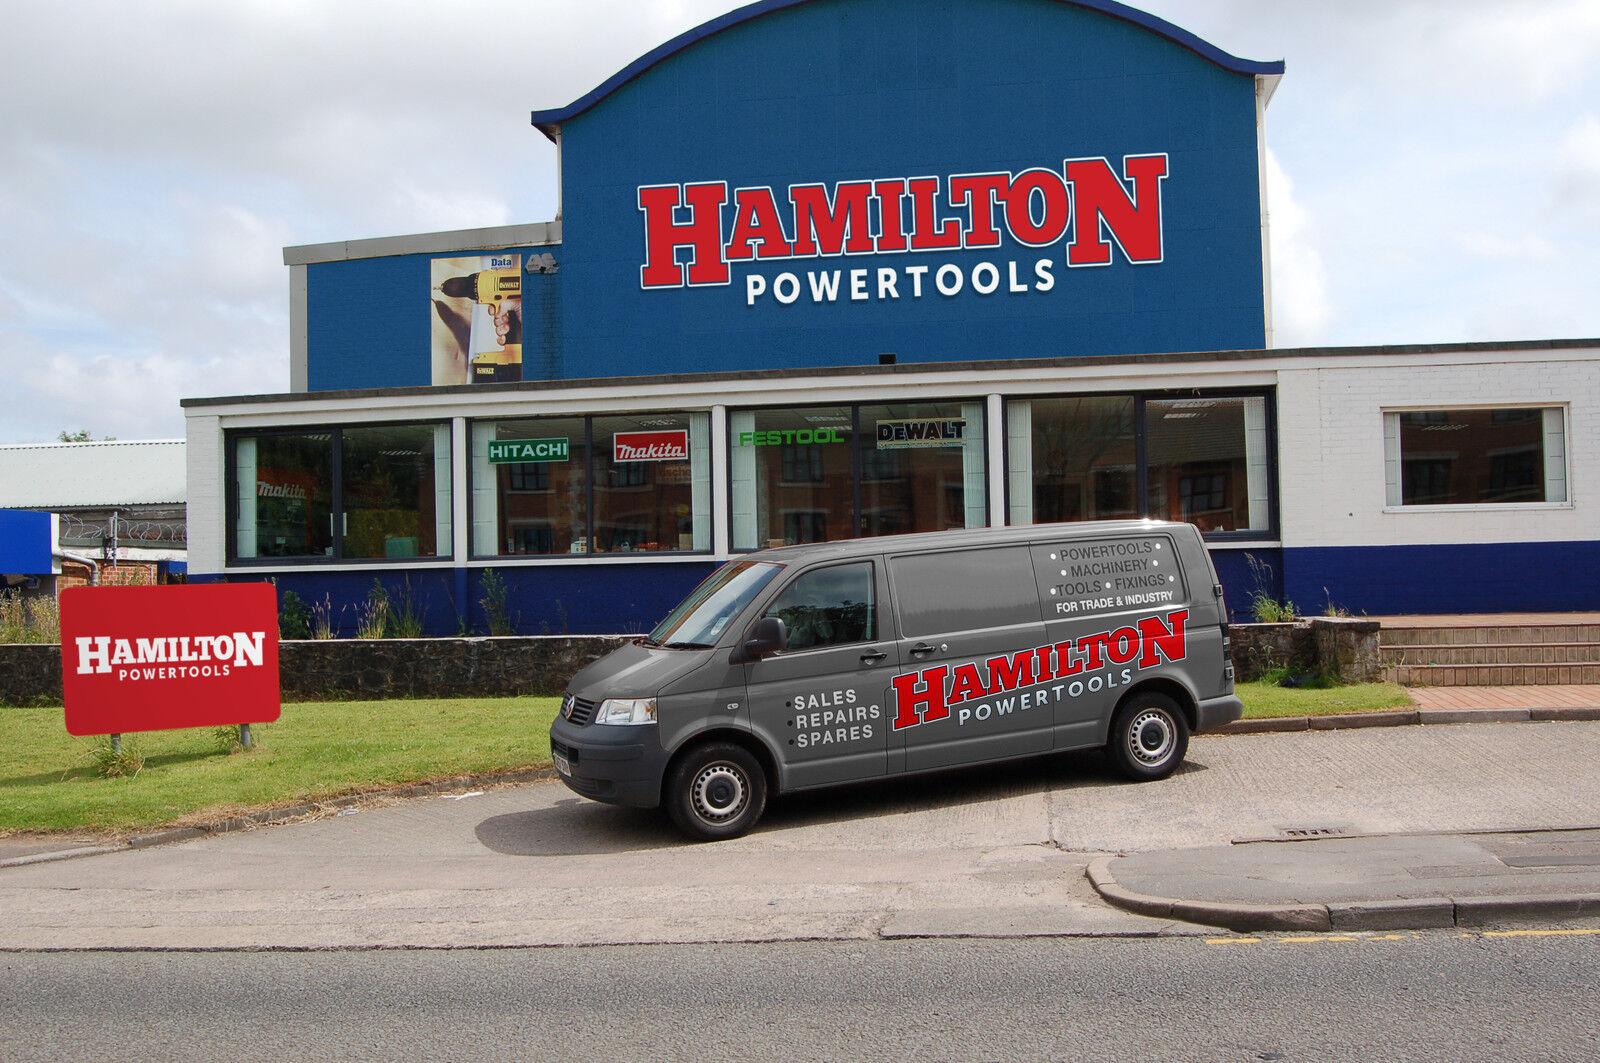 Hamilton Power Tools